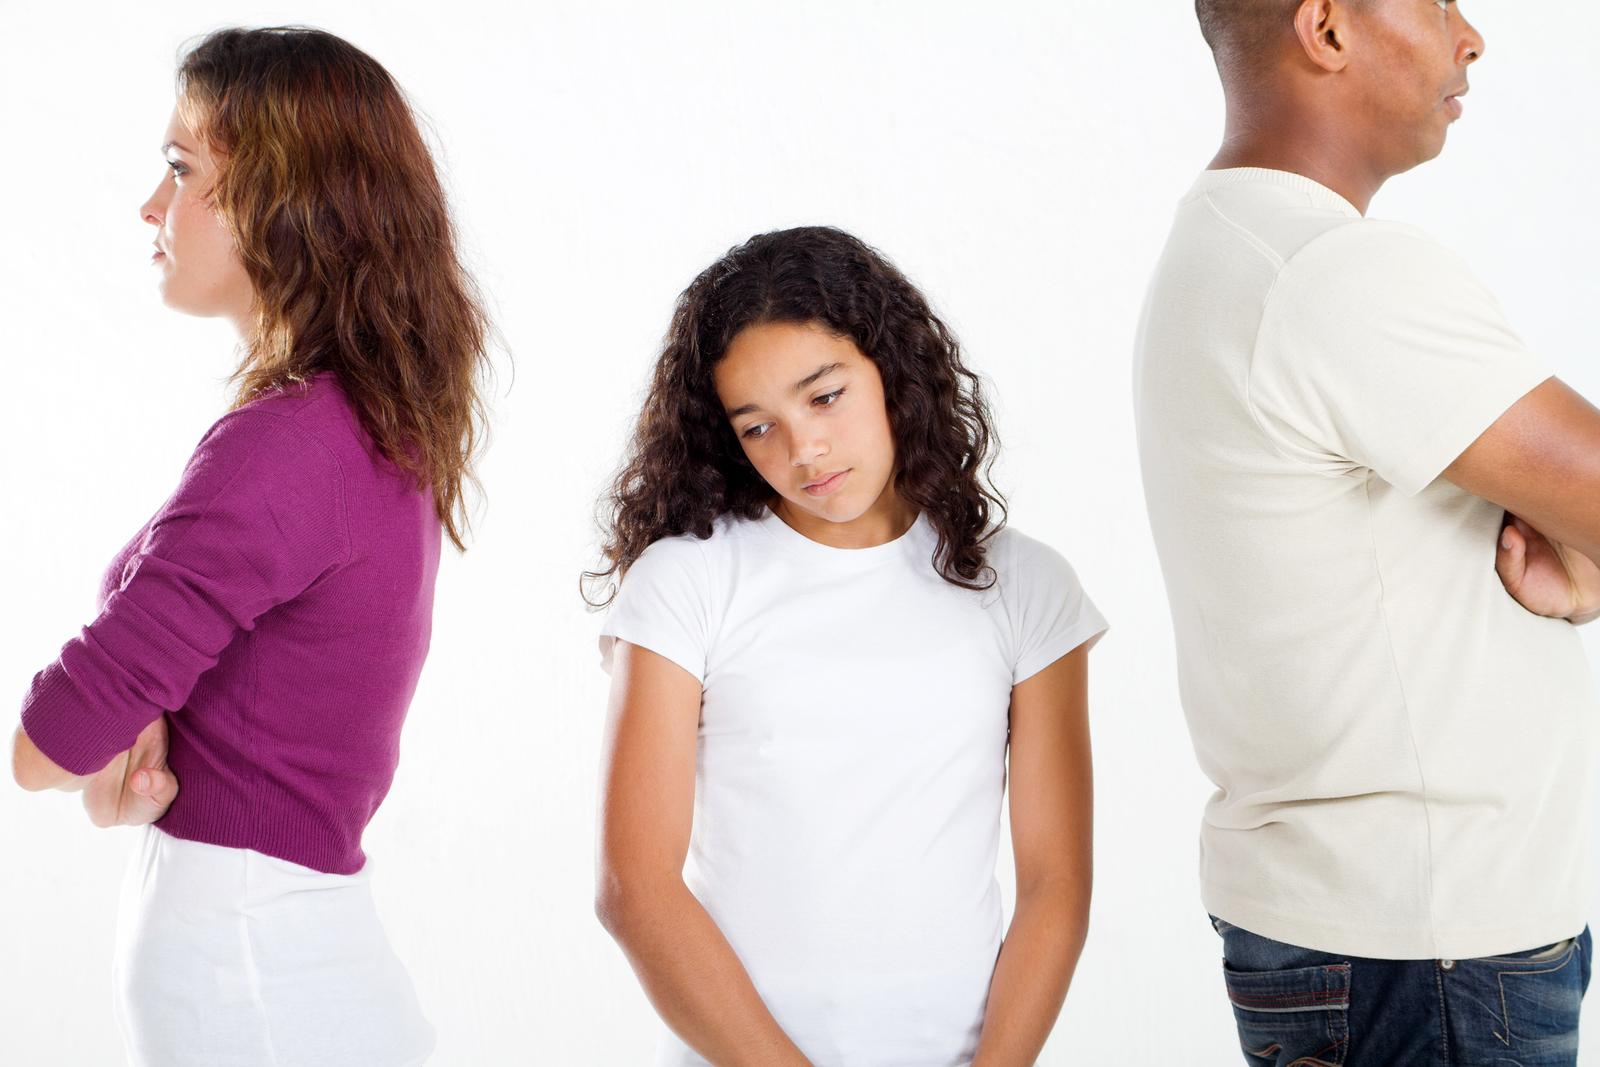 5 Positive Co-Parenting Tips After Divorce